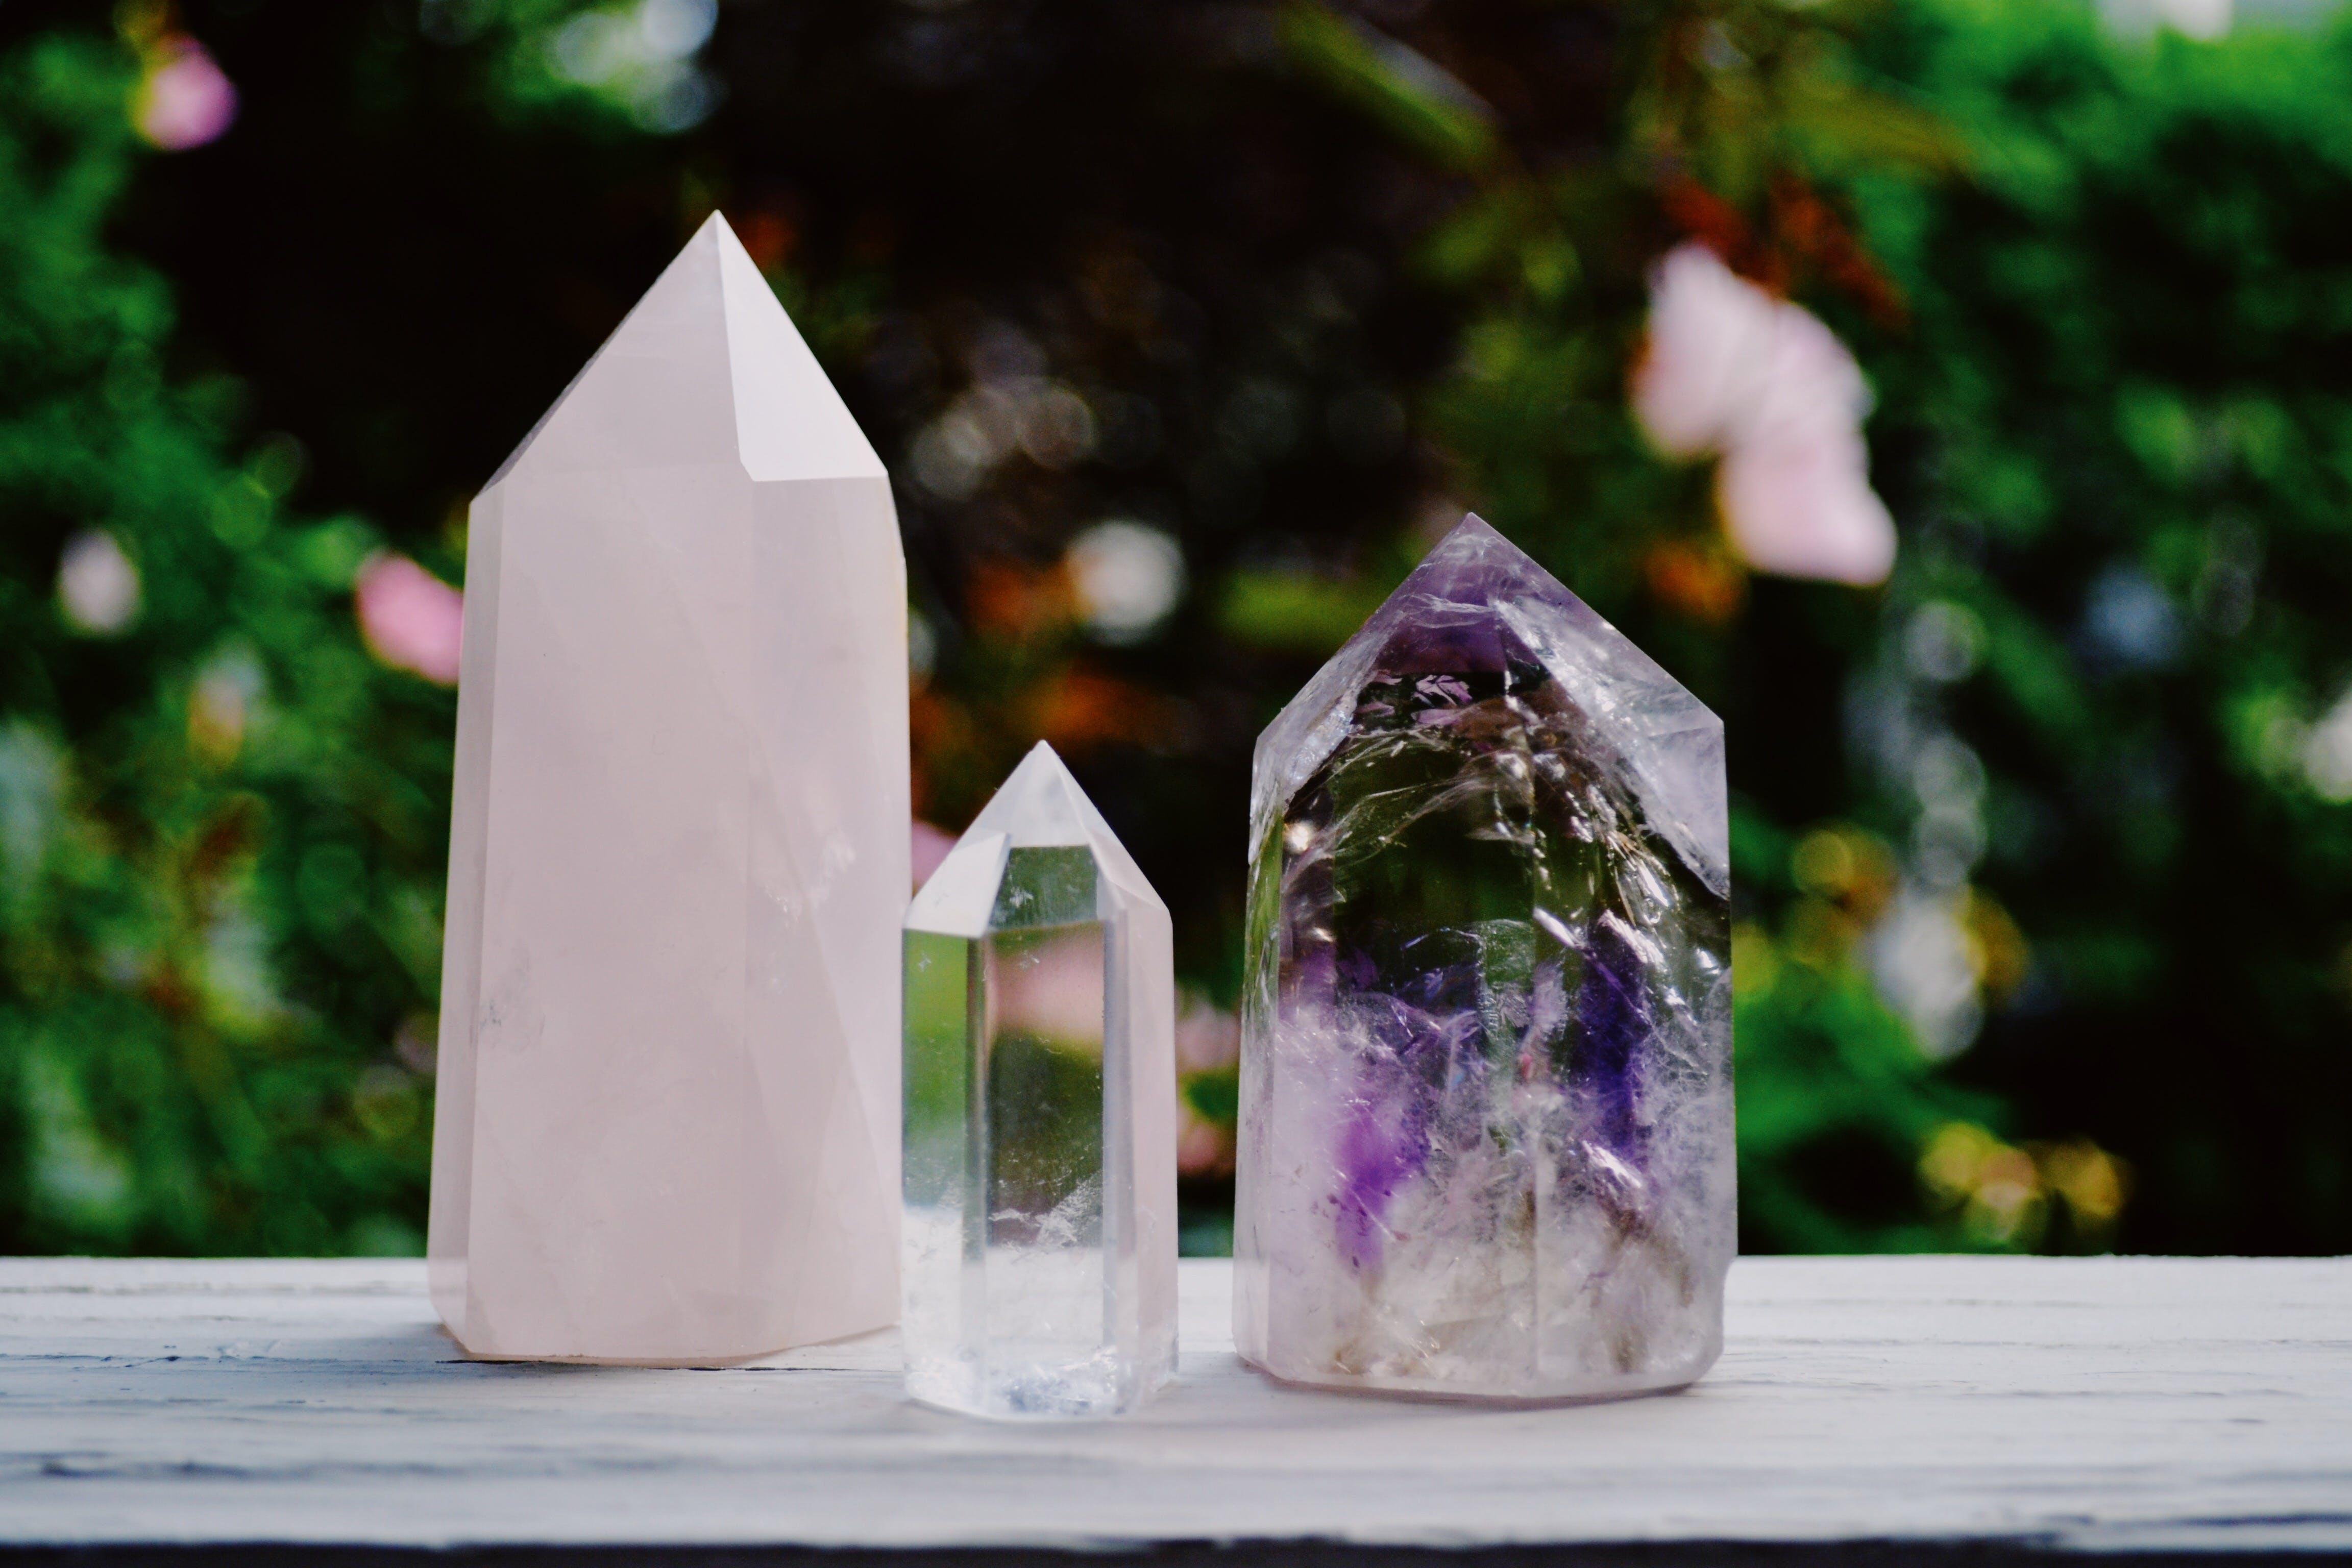 Fotos de stock gratuitas de cristales, decoraciones